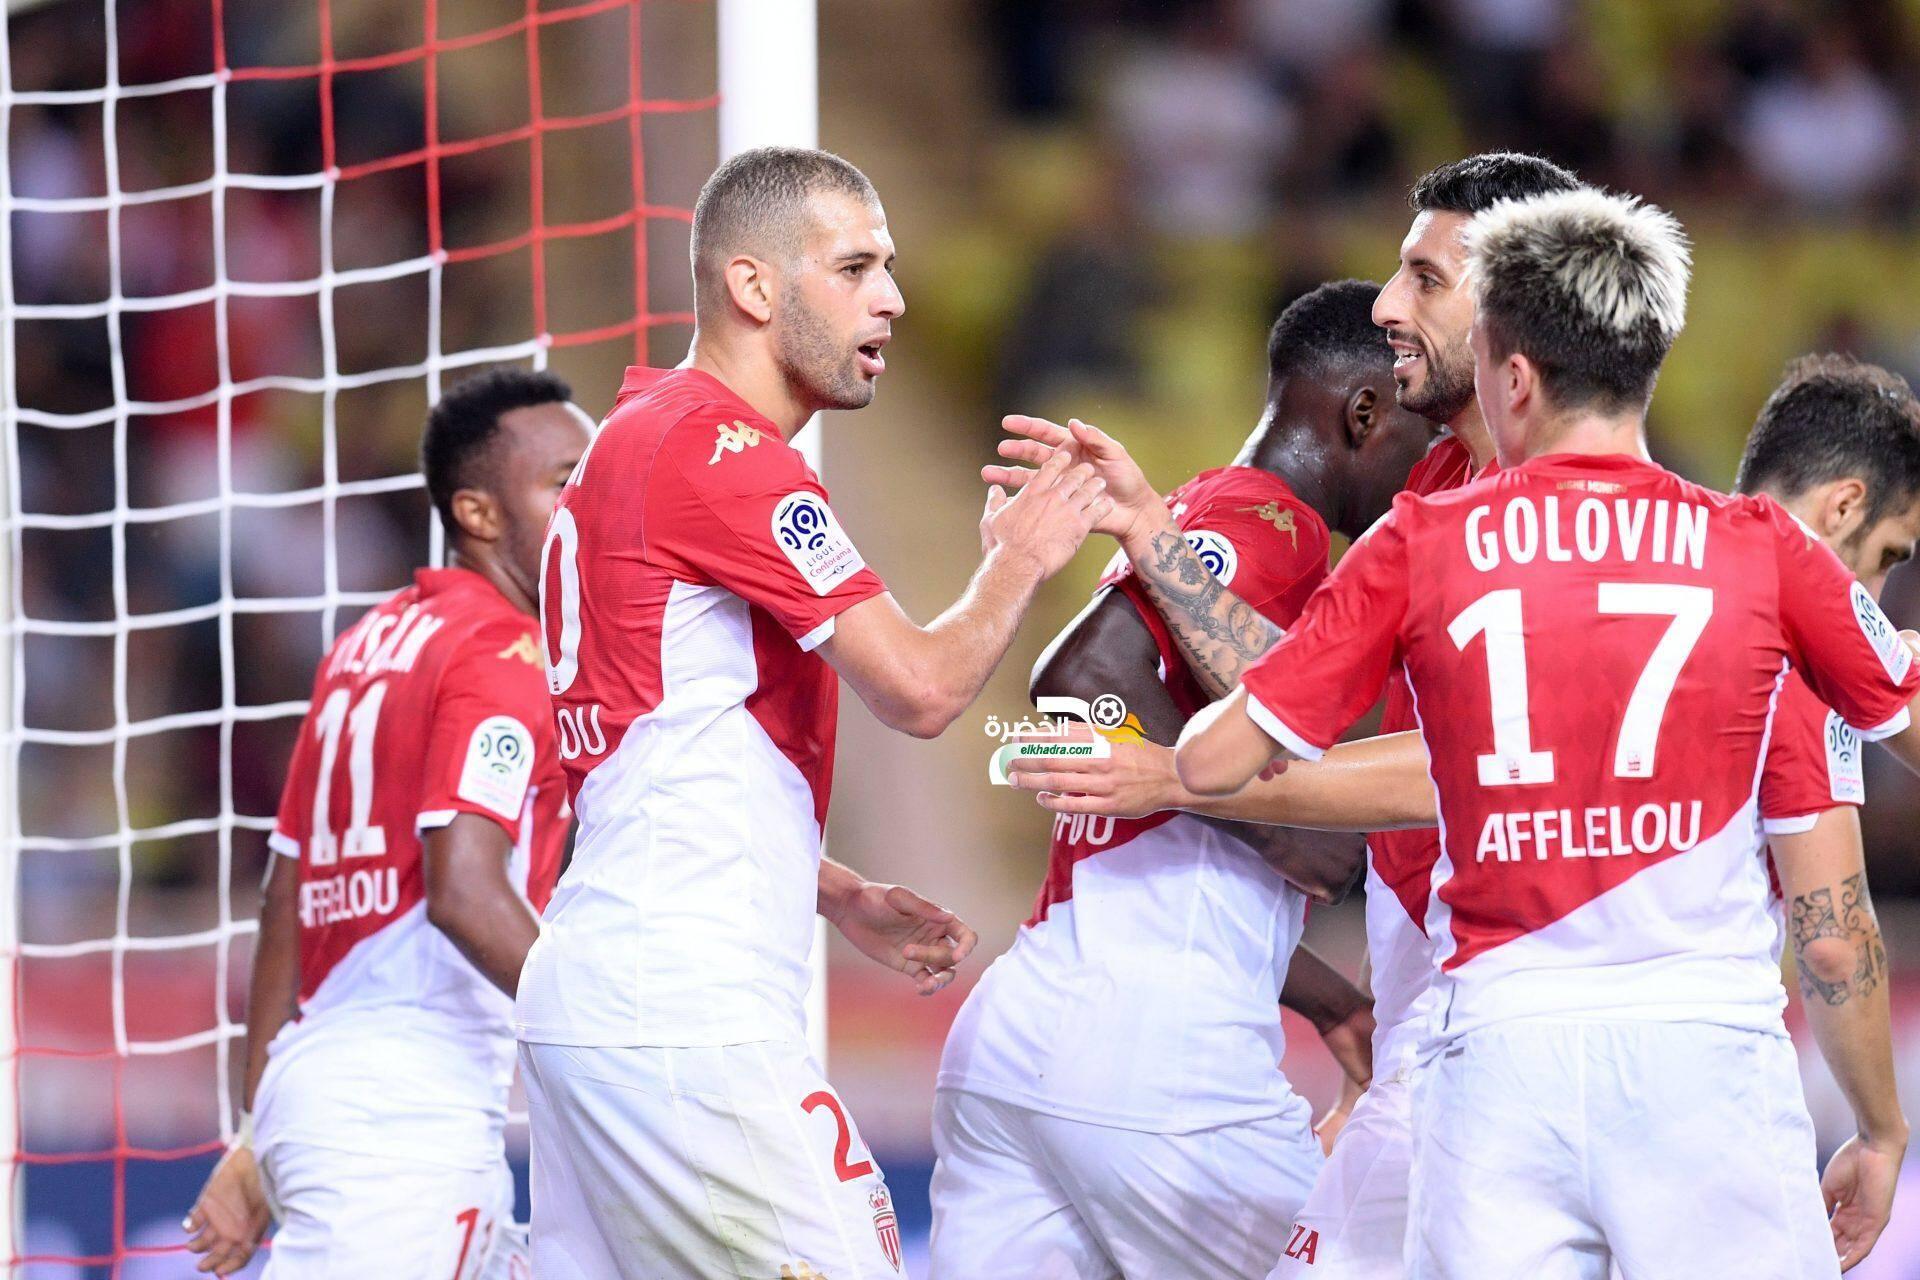 إسلام سليماني أفضل لاعب في الدوري الفرنسي لشهر سبتمبر 24